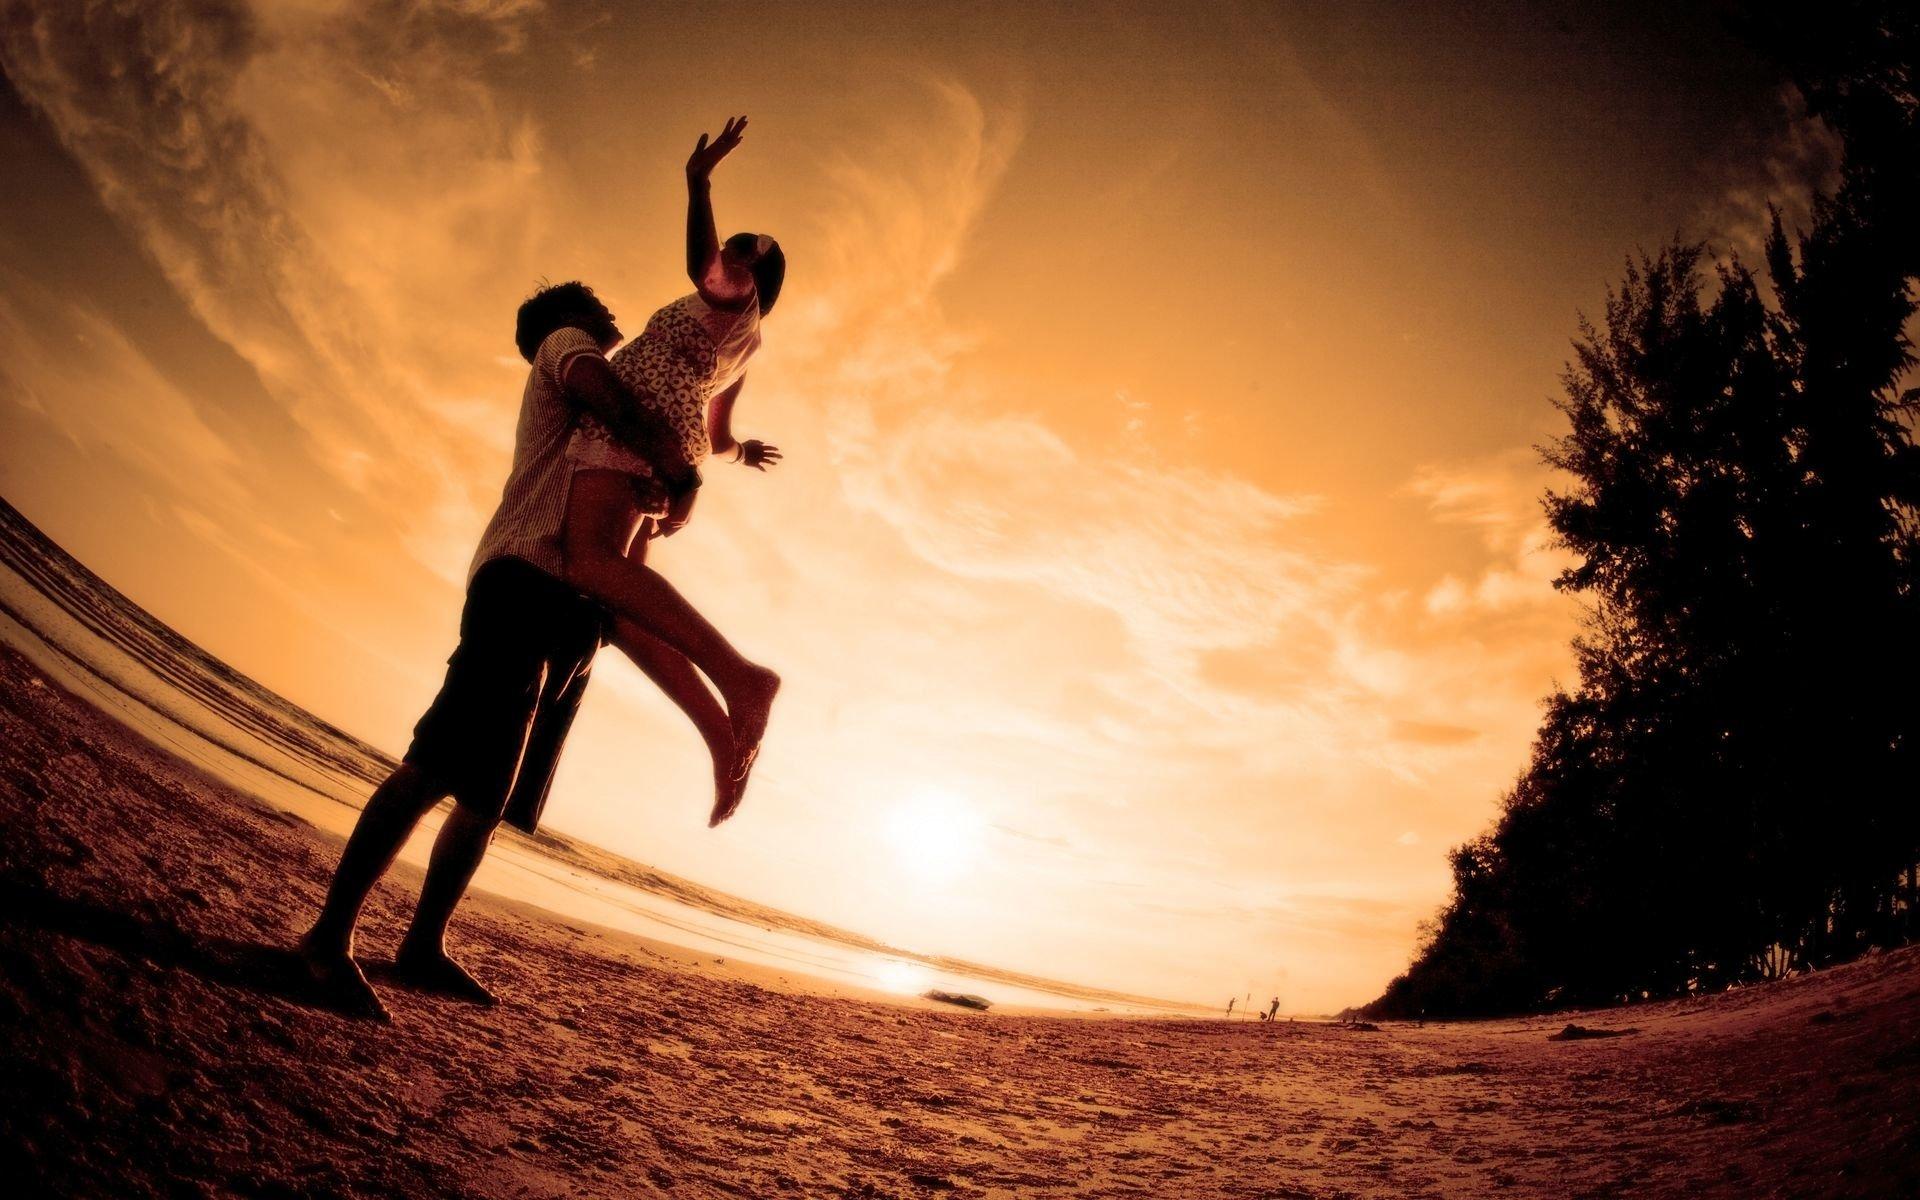 Fondos De Pantalla De Parejas Enamoradas, Imágenes, Fotos